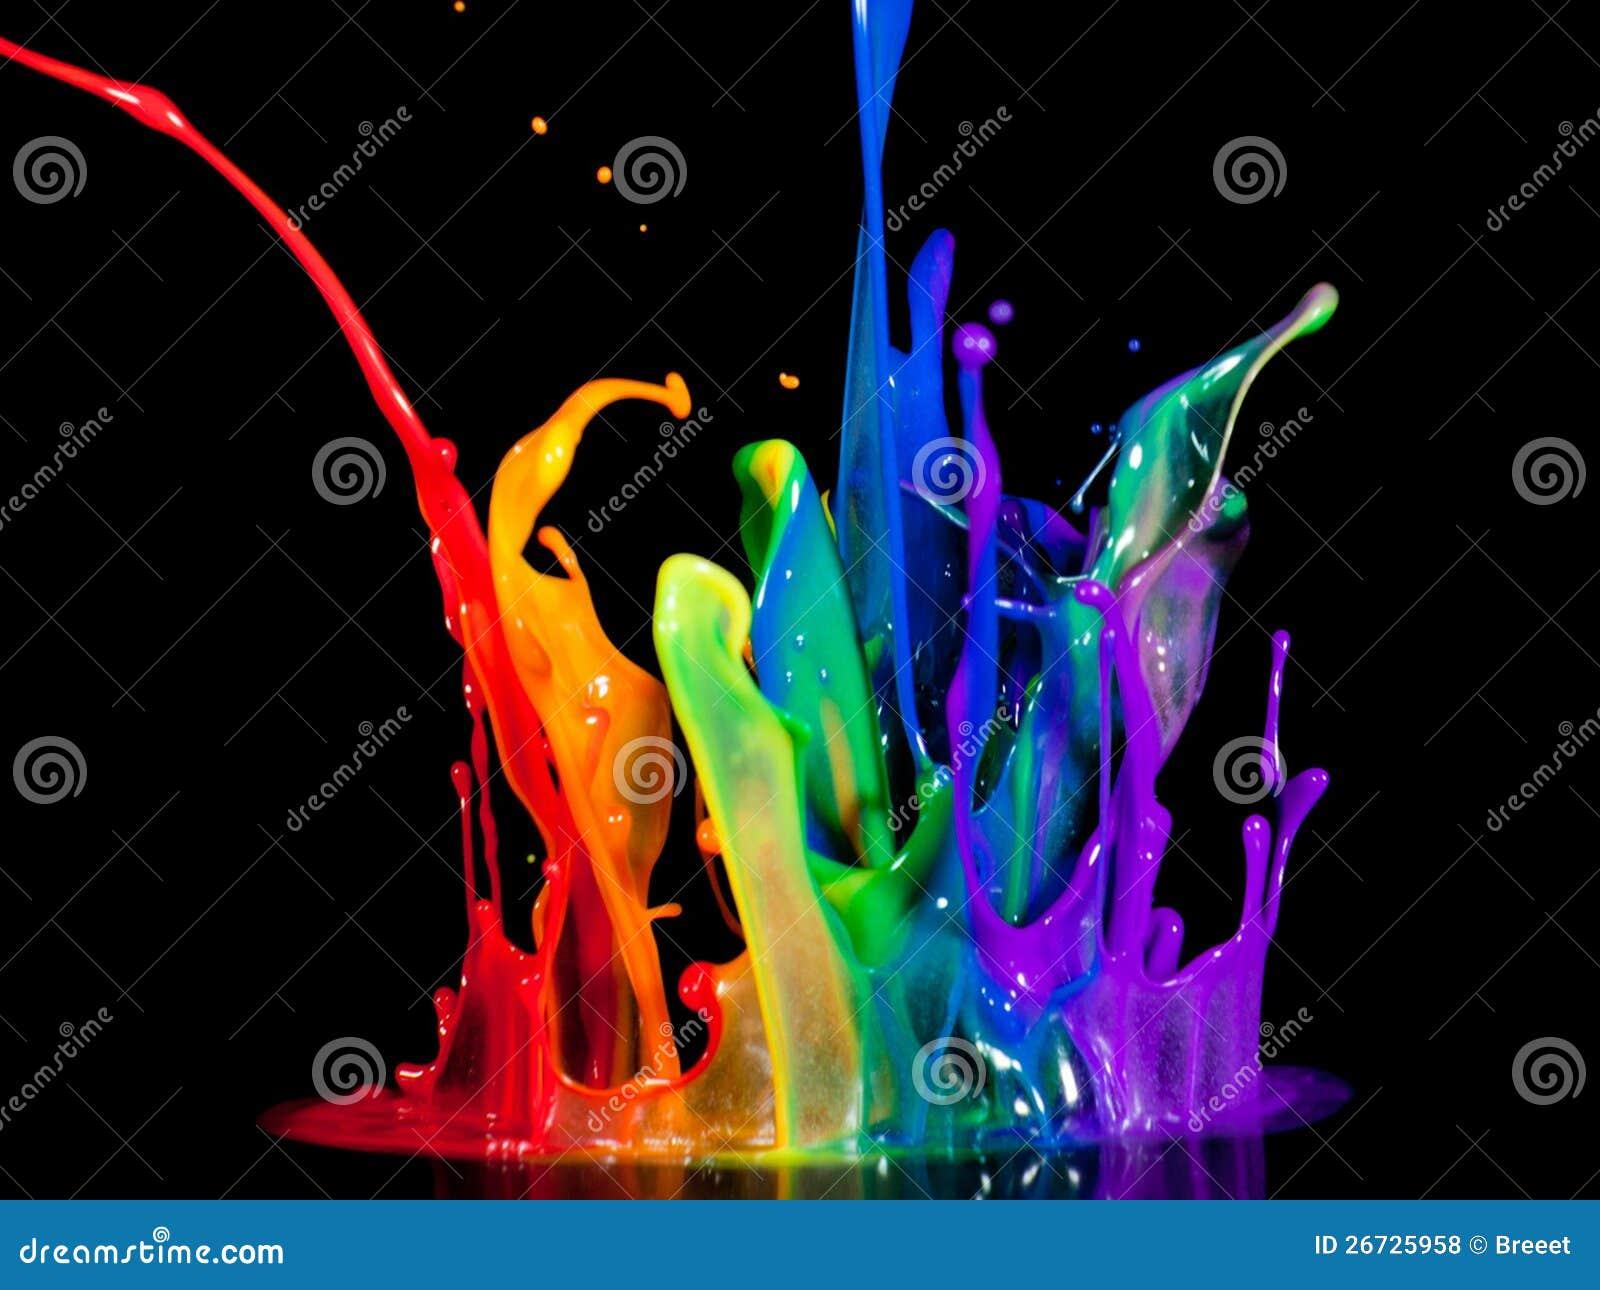 Cool color splash